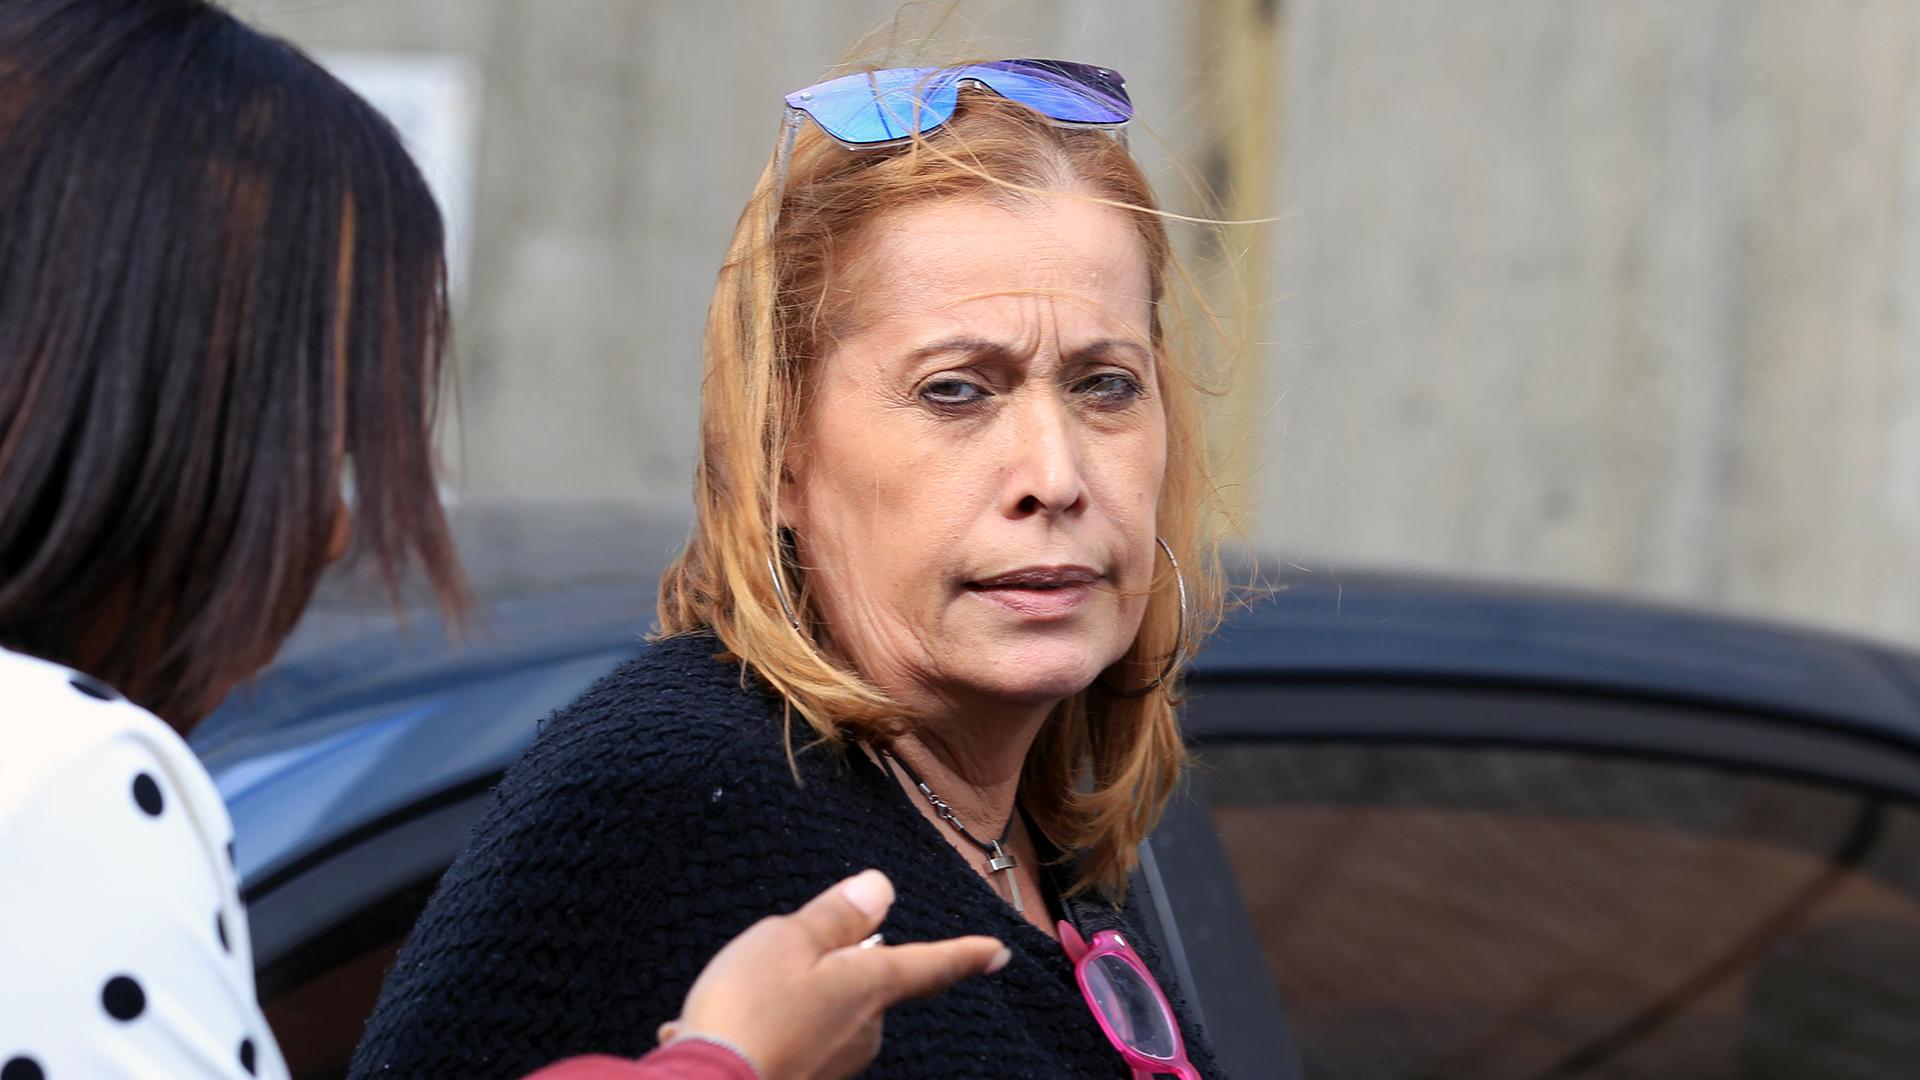 Lo nuevo sobre la madre acusada por robar dinero a clase graduanda